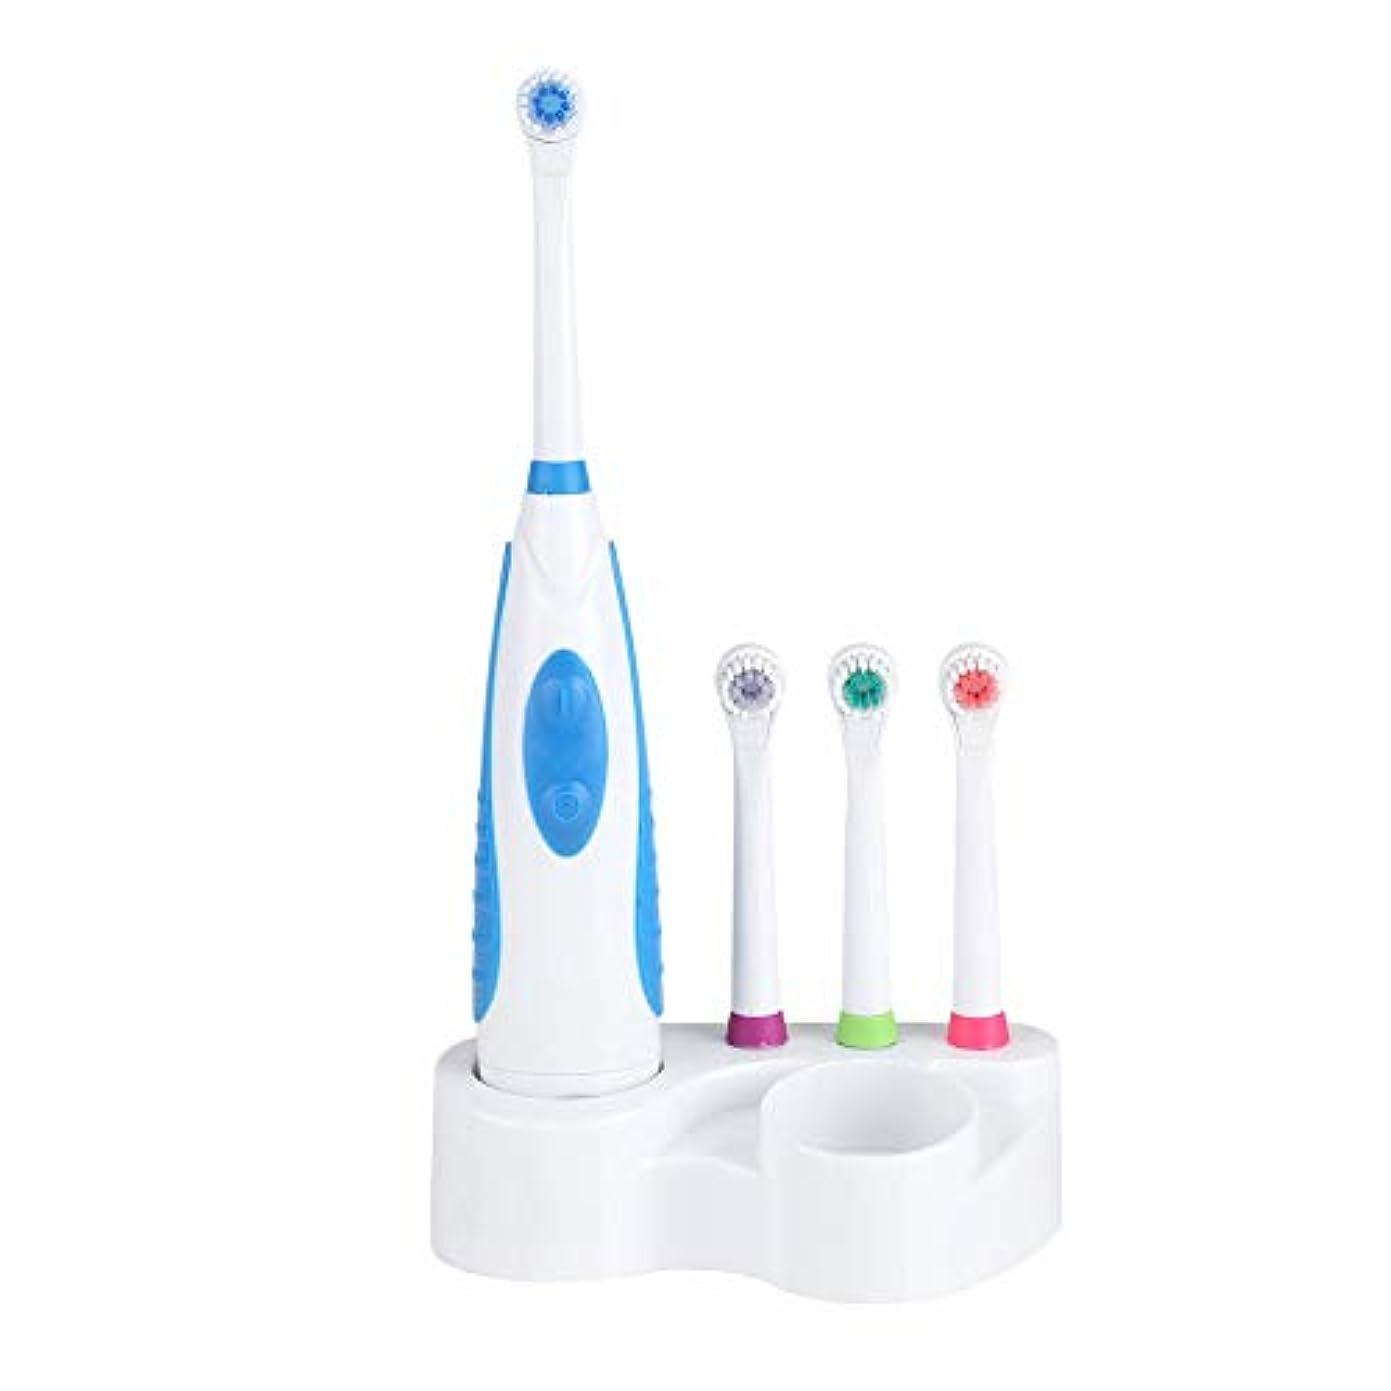 見て机デザート電動歯ブラシ3個の交換用ヘッドとホルダー付き電動歯ブラシホワイトニングクレンジングオーラルケア(Blue)